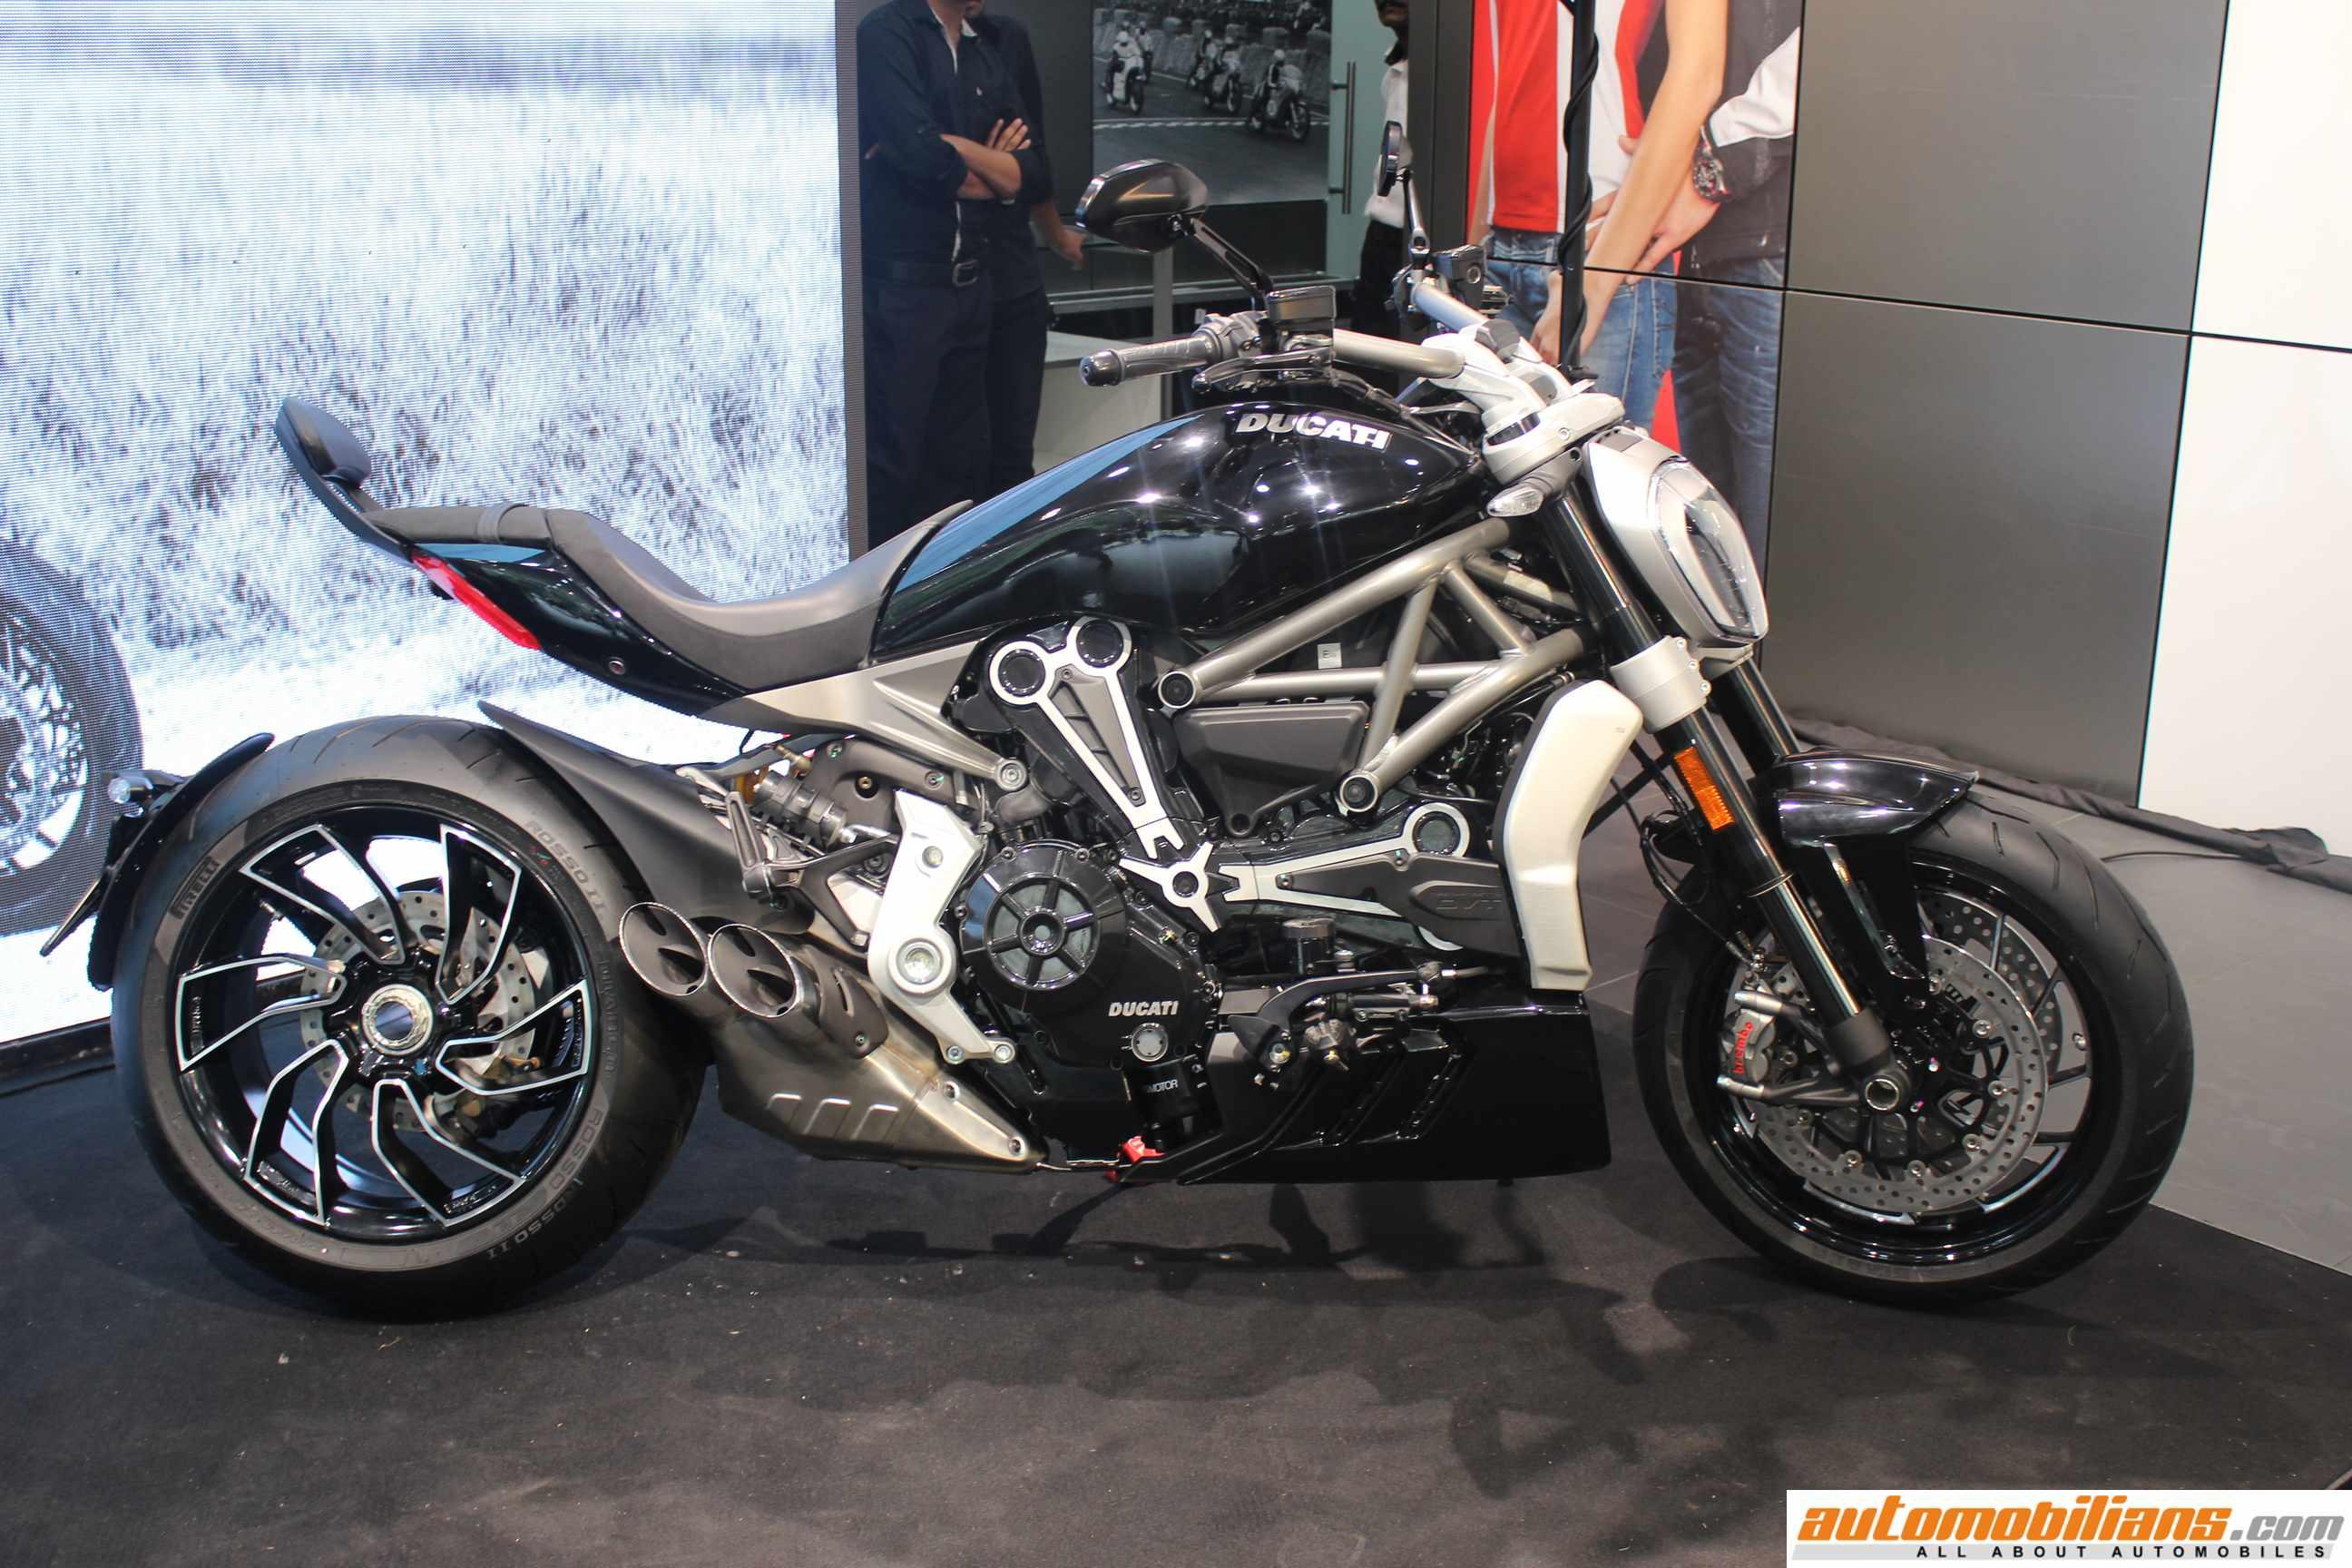 Ducati Xdiavel Price In India